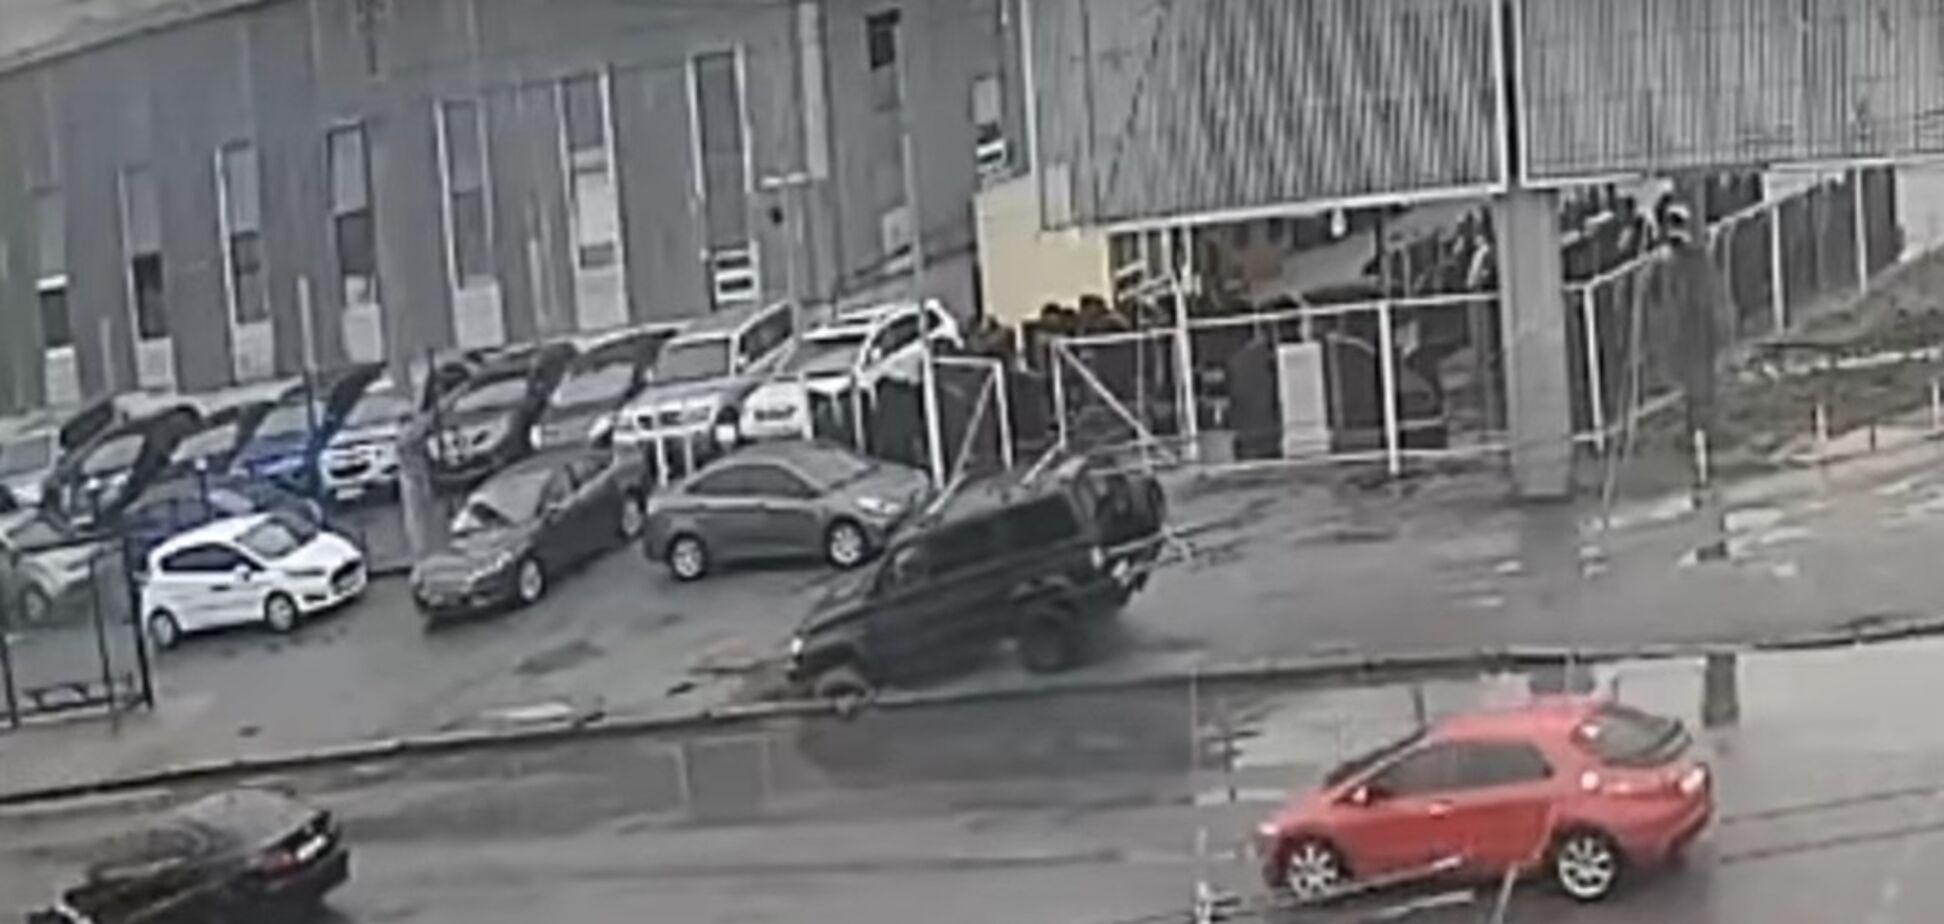 Появилось видео с автохамом из Одессы, попавшим в 'ловушку'